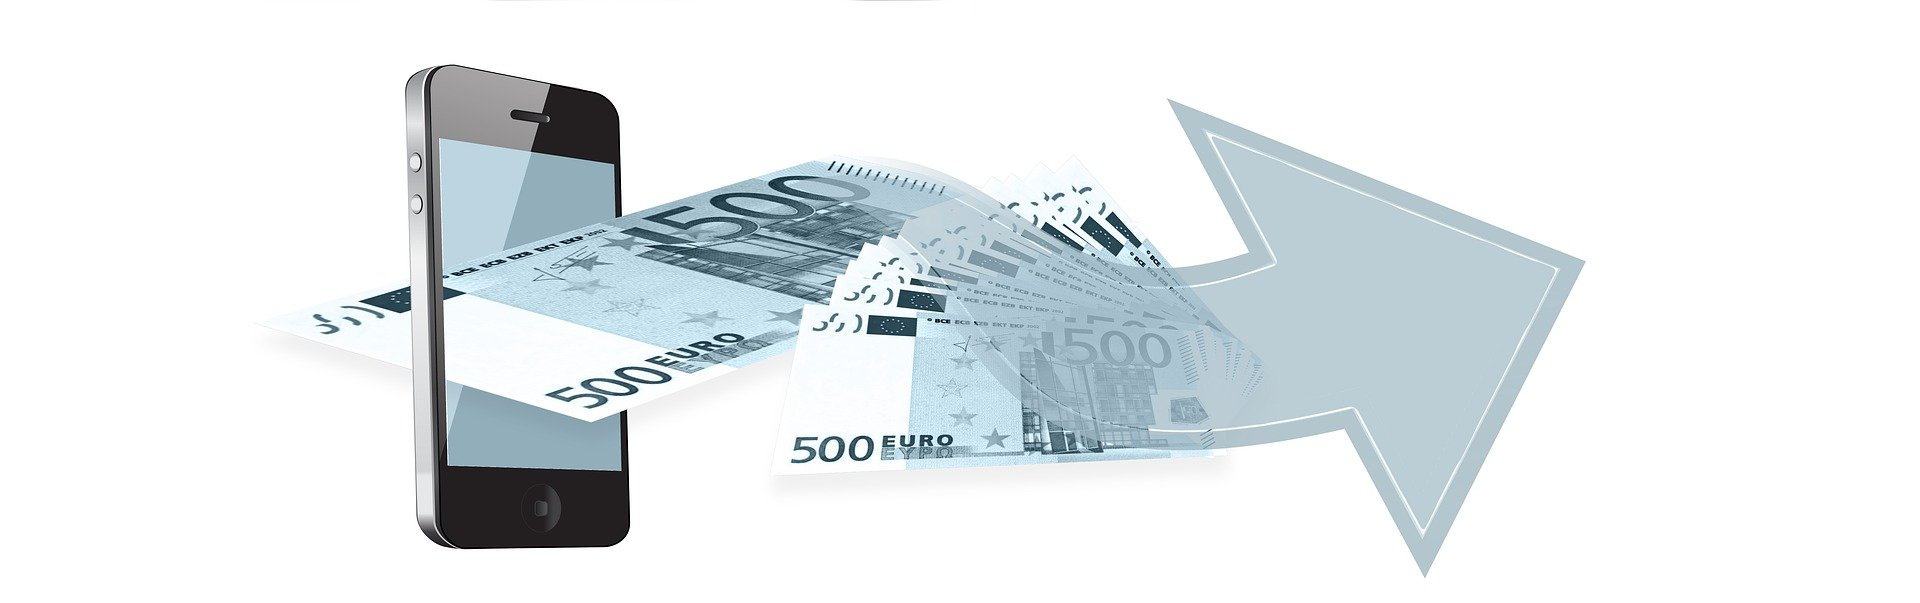 sikre betalinger hos lvbet casino